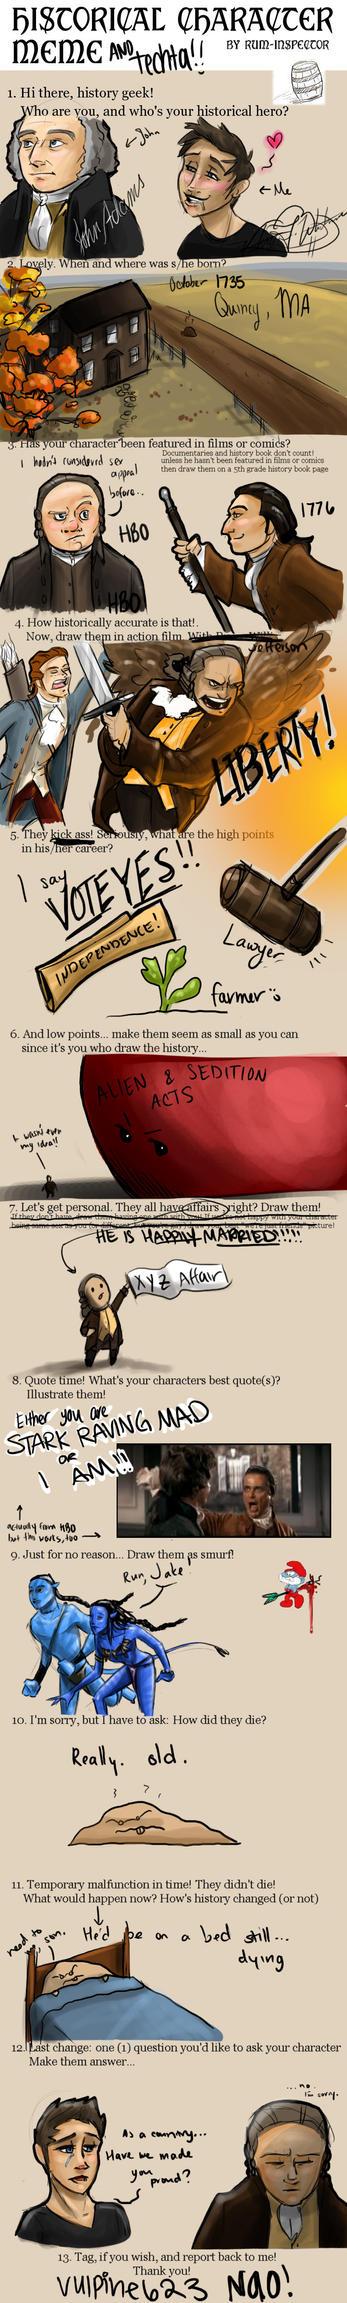 John Adams Meme by Techta